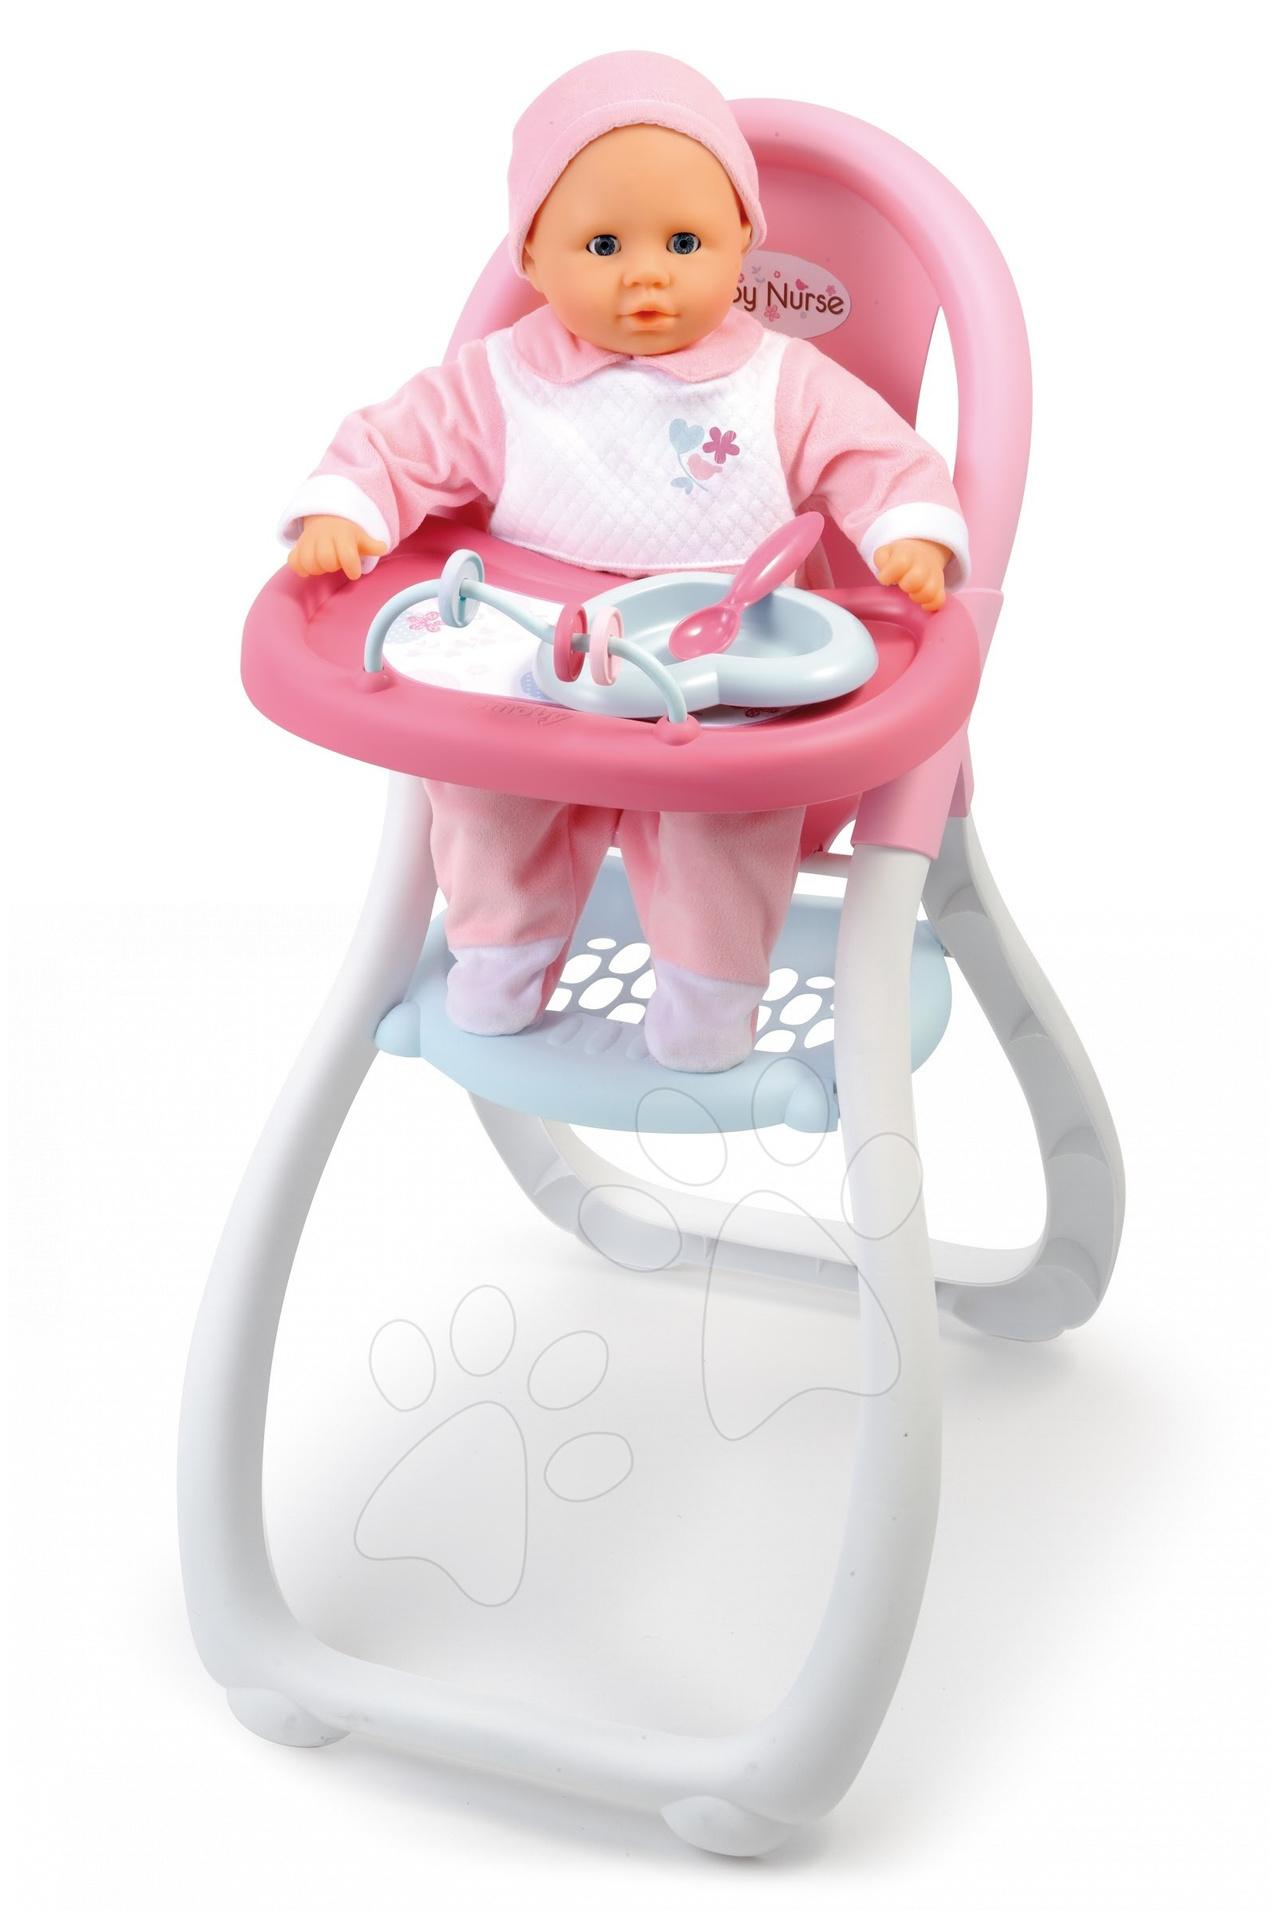 Staré položky - Jídelní židle Baby Nurse Smoby pro 42 cm panenku od 18 měsíců